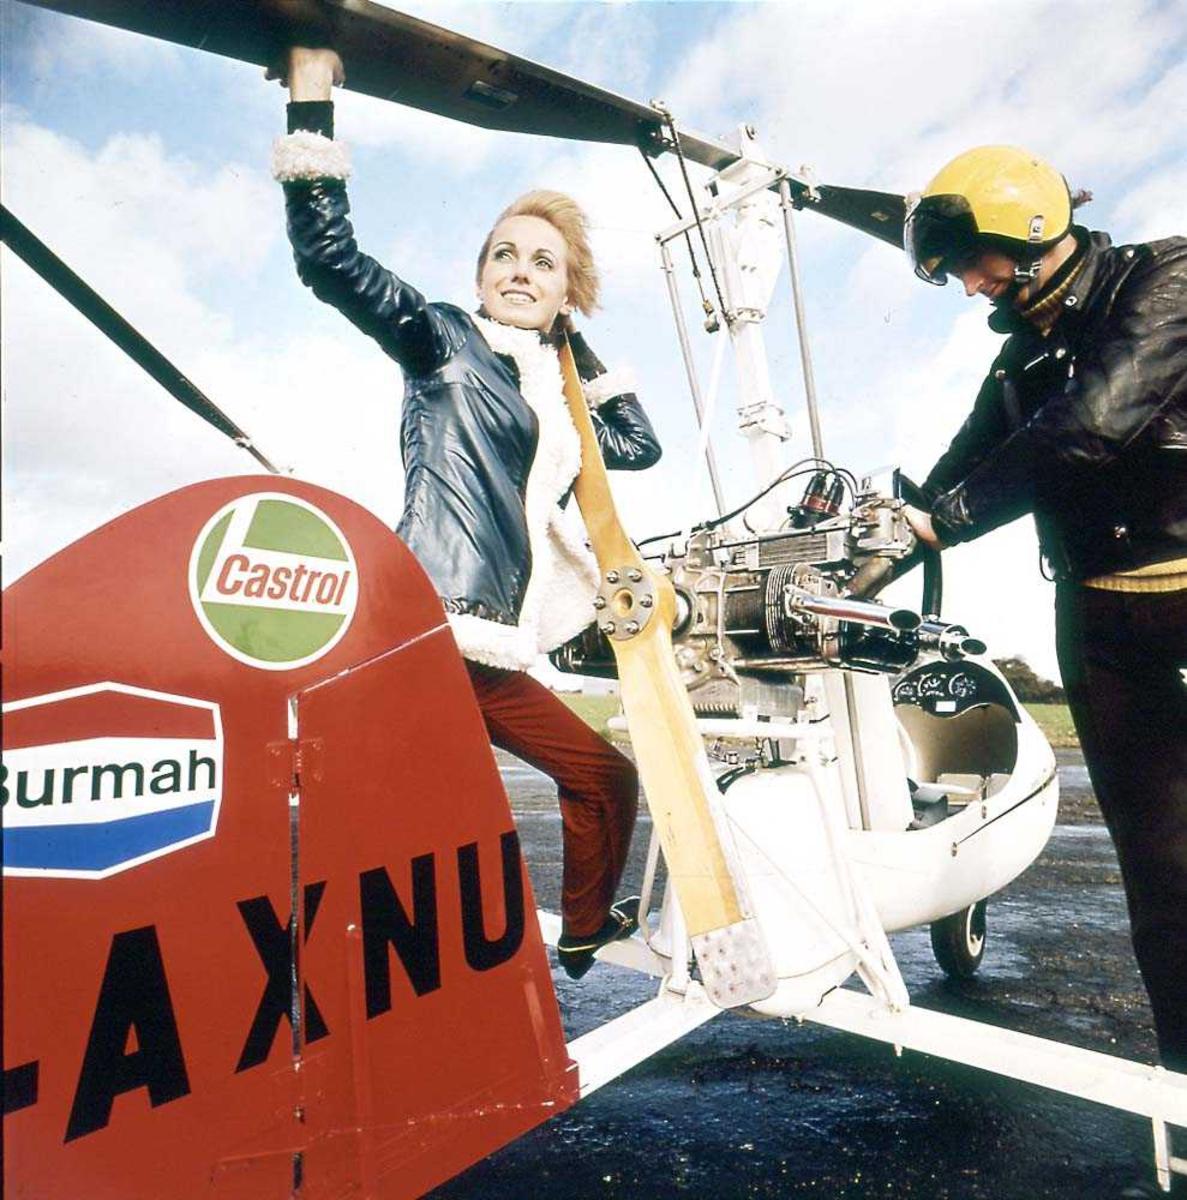 Ett helikopter på bakken, Campbell Cricket Autogyro. To personer ved helikoptret.